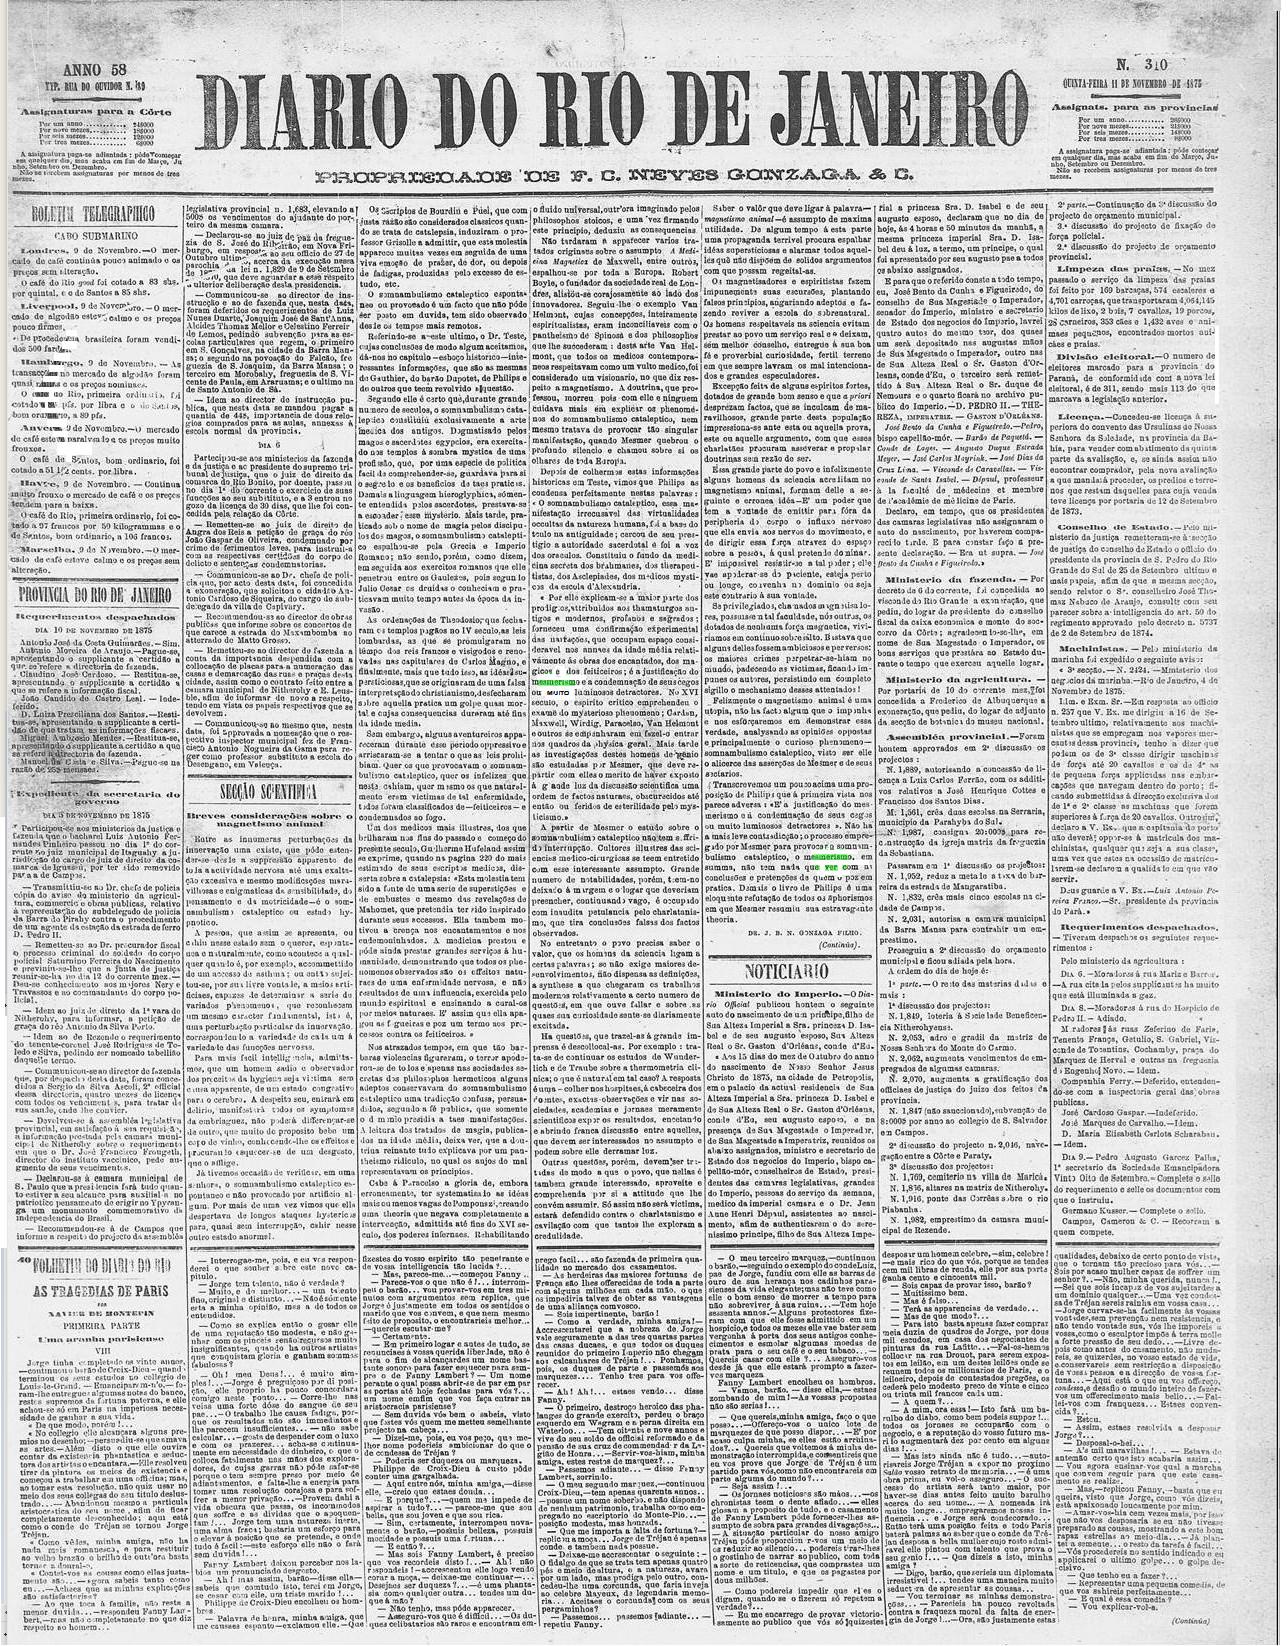 Primeira página do Diário do Rio de Janeiro sobre mesmerismo - 1875/Edição 00310.